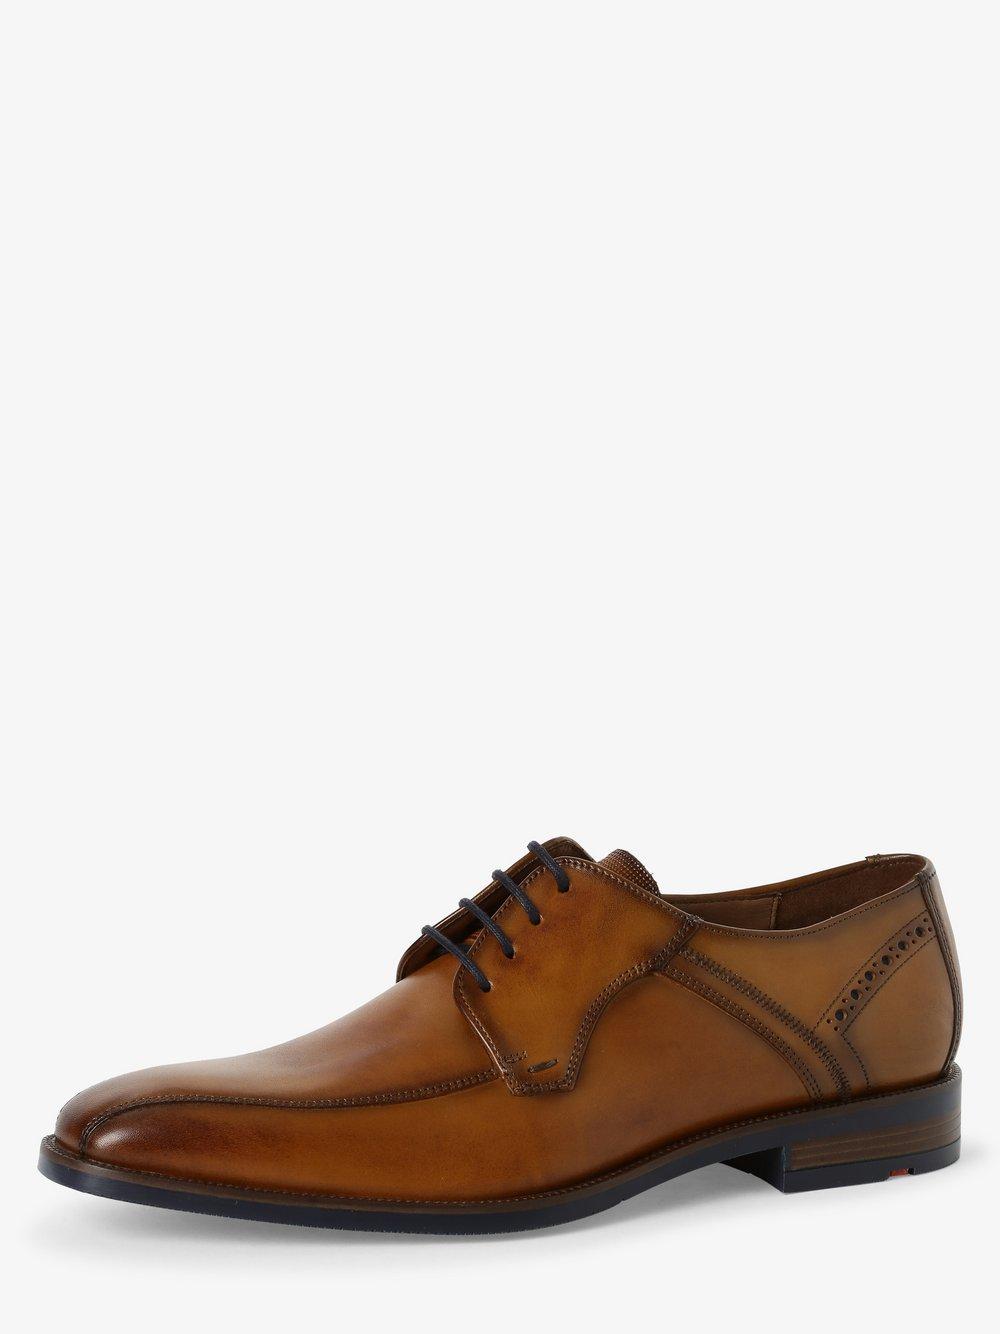 Lloyd - Męskie buty sznurowane ze skóry – Nadir, beżowy